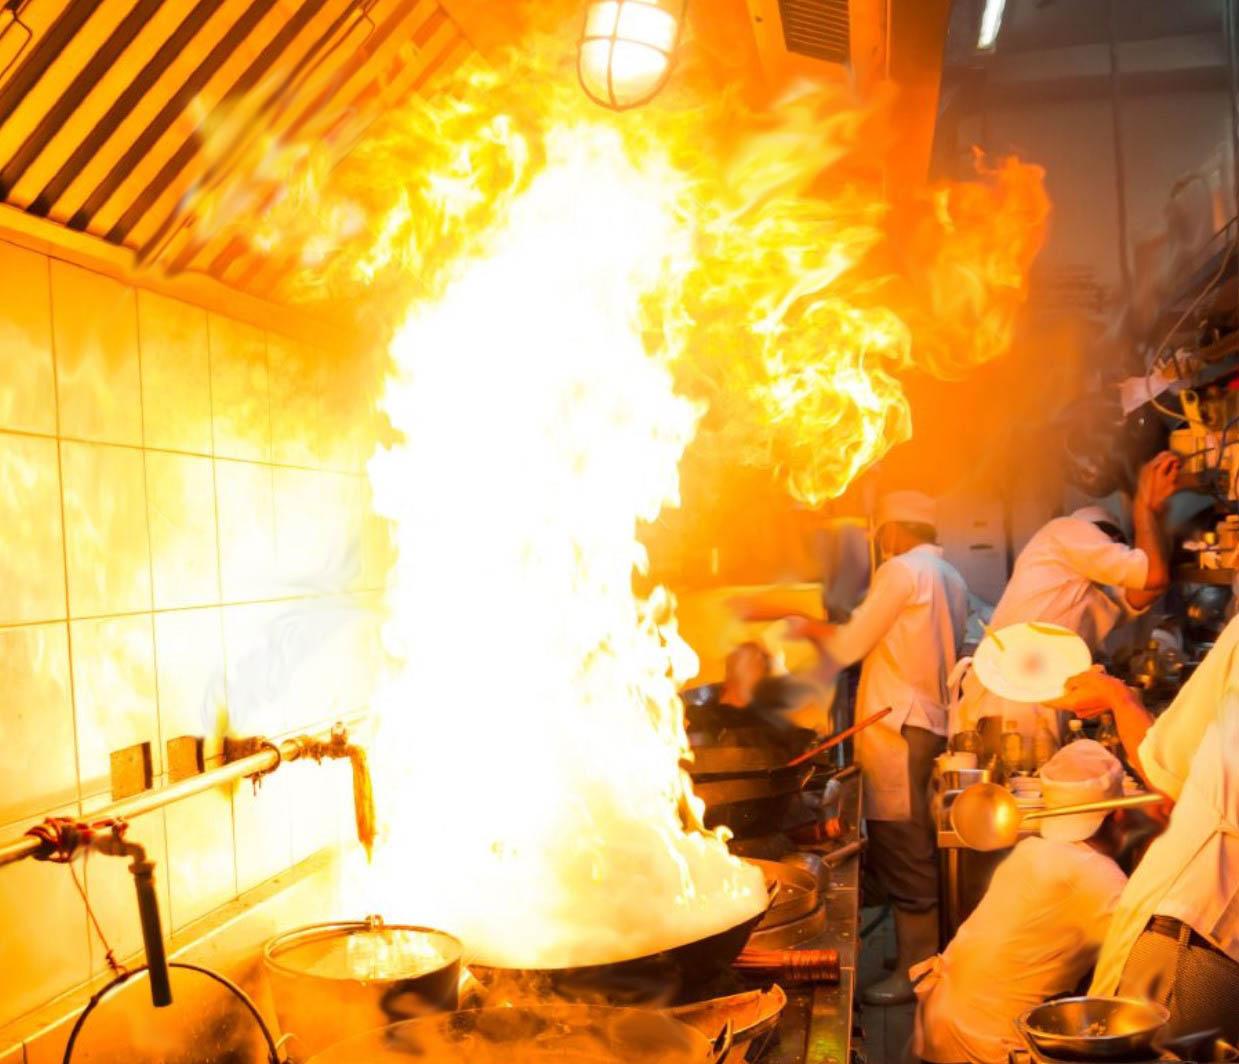 patelnia, okap UV, gastronomia, pożar tłuszczu gorącego, okapy UVC okapy gastronomia i filtry tłuszczu fett, UV-C & ozon